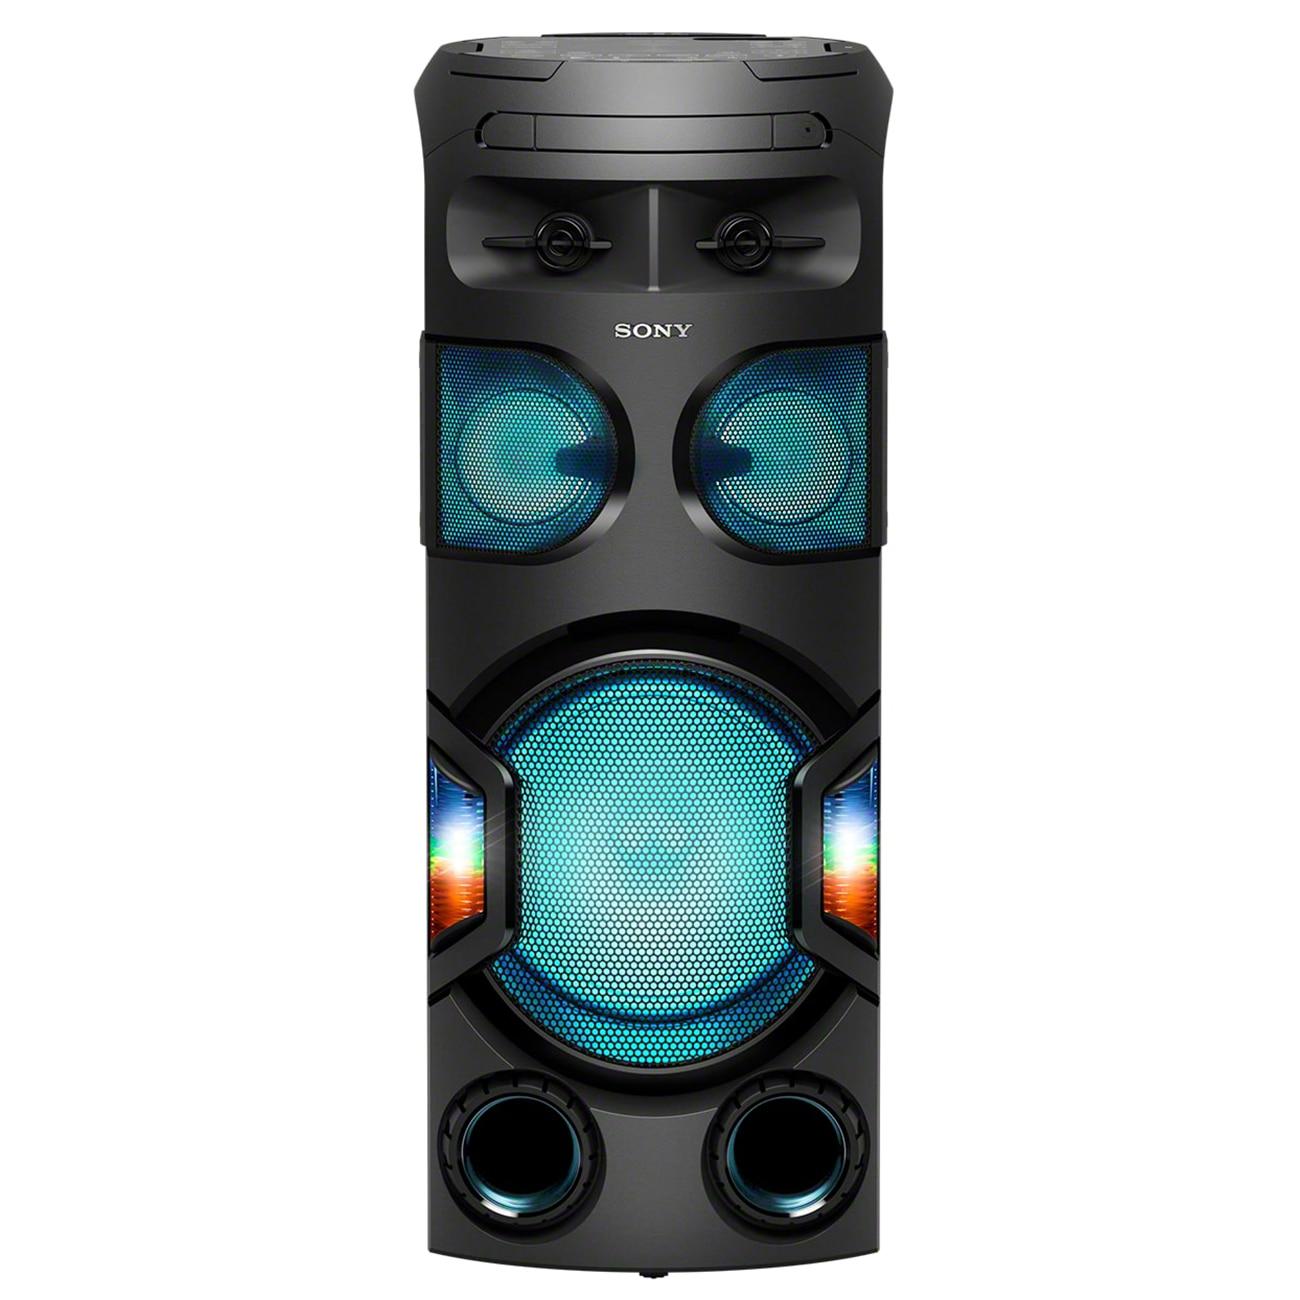 Fotografie Sistem audio High Power SONY MHC-V72D, Jet Bass Booster, Sunet 360 grade, Hi-Fi, Bluetooth, NFC, Dj Effects, USB, DVD, Party music, Party lights, Negru